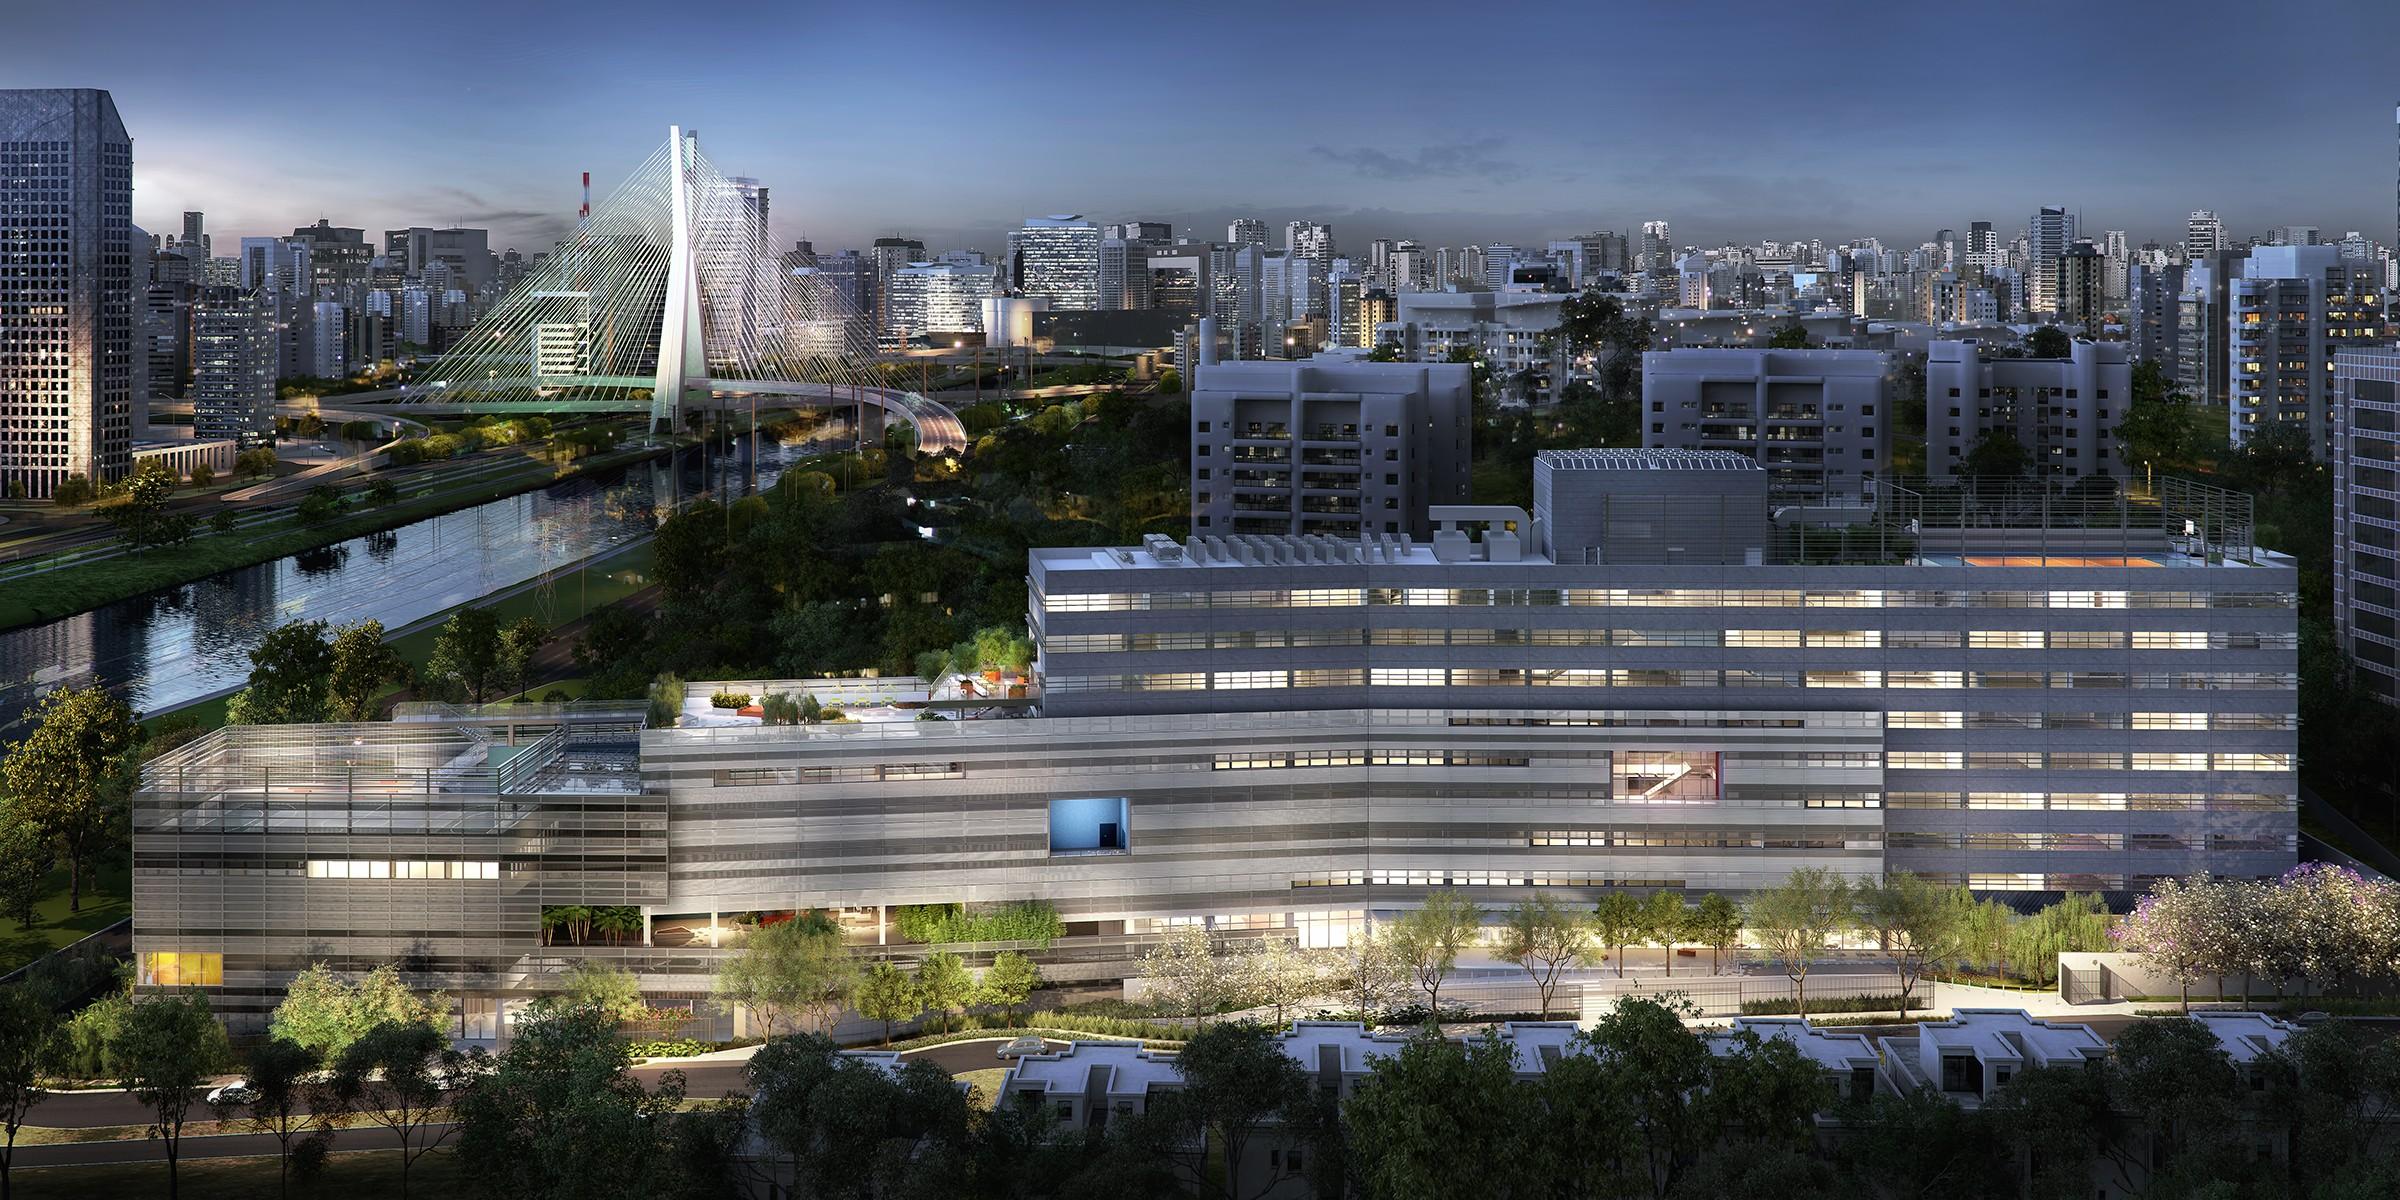 Projeto da sede paulista do Avenue - The World School, que está previsto para inaugurar em Agosto de 2018 (Foto: Divulgação)